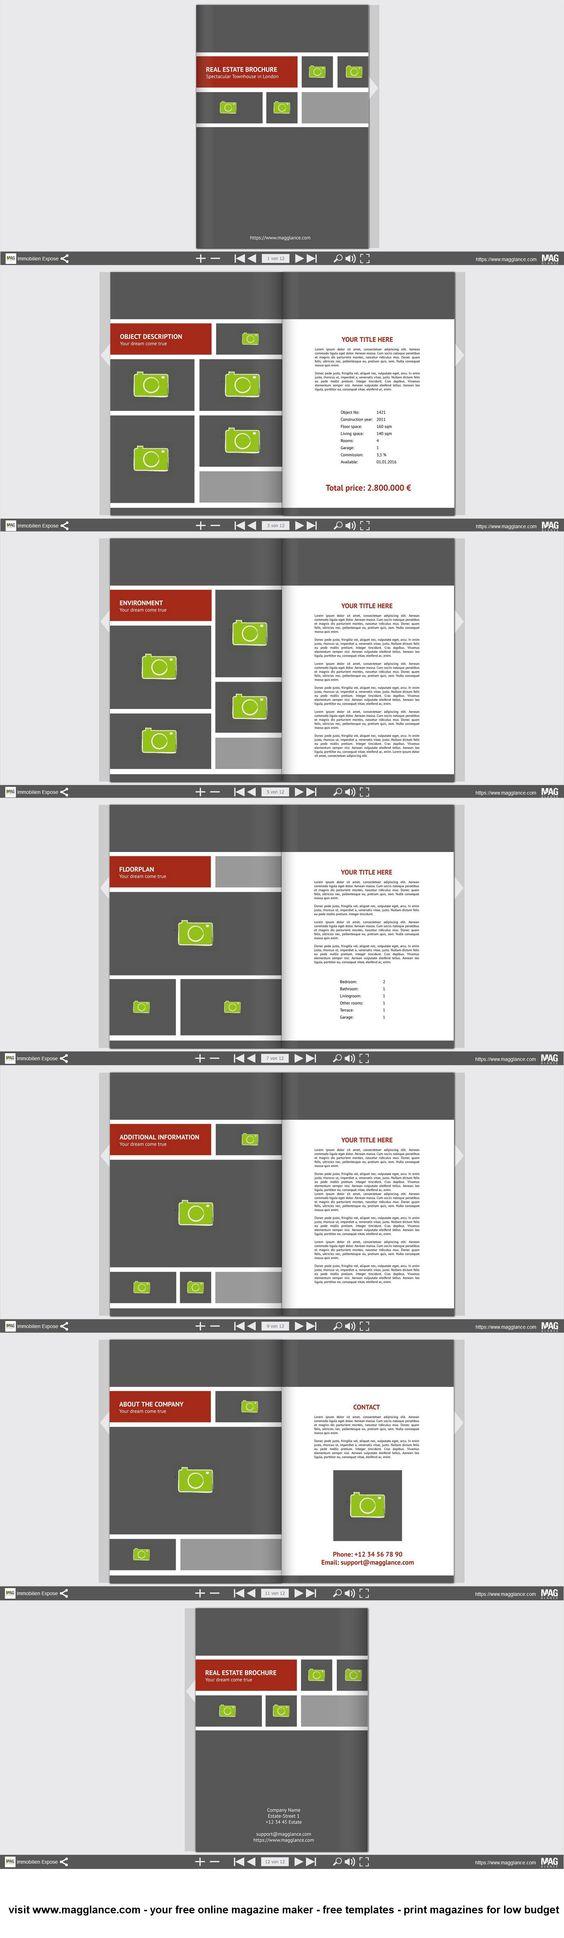 Crea gratis tu cartel para inmobiliaria online e imprímelo a buen ...